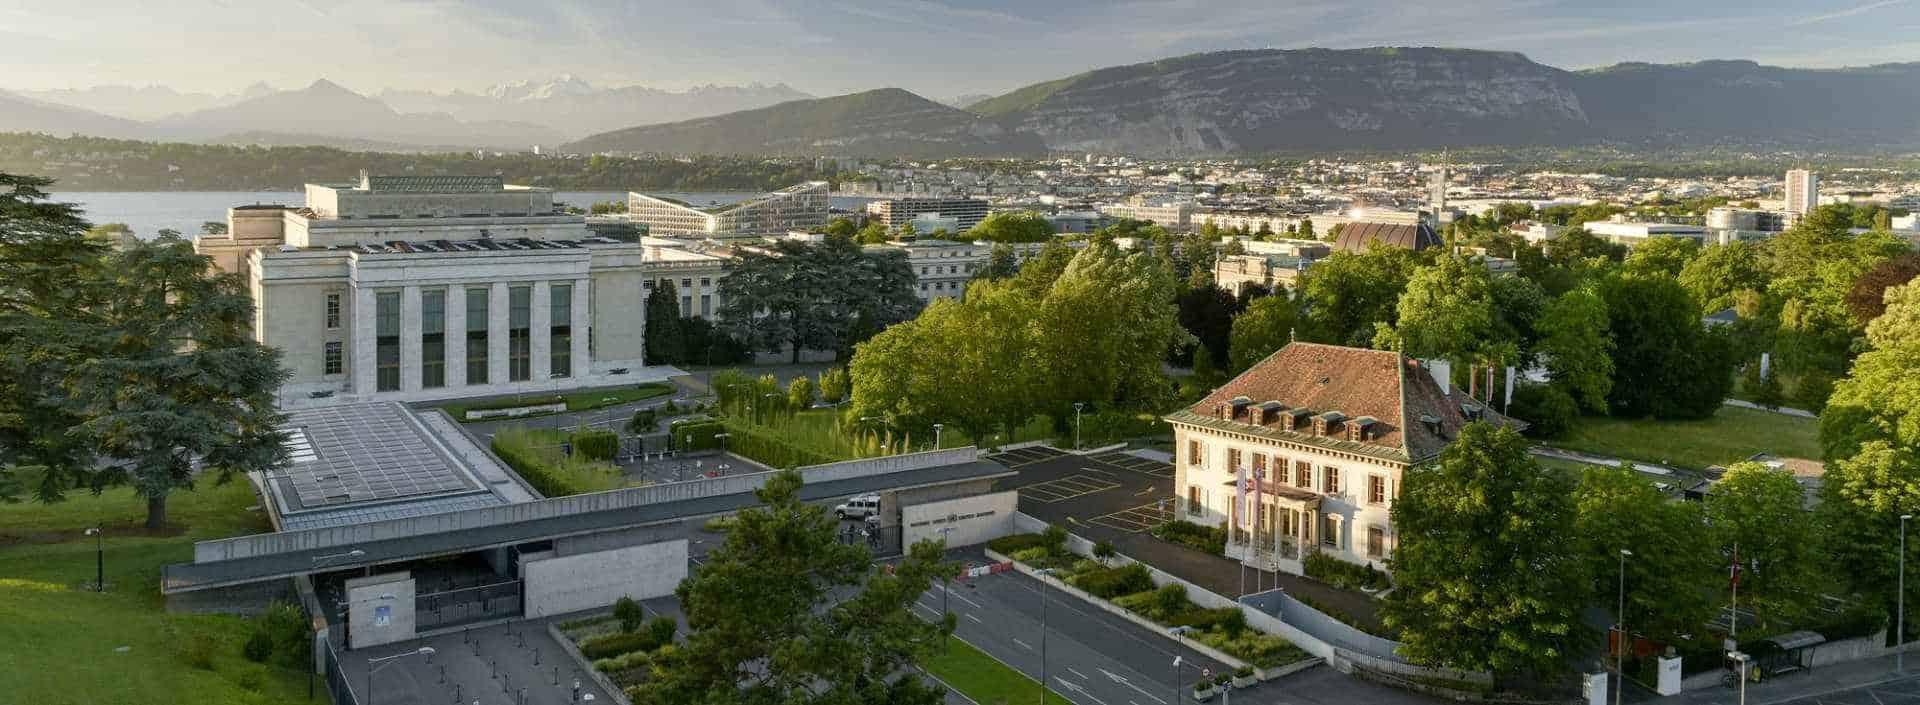 Ecole Hôtelière de Genève, l'écrin de verdureau bord du lac léman en Suisse 1920x705 final